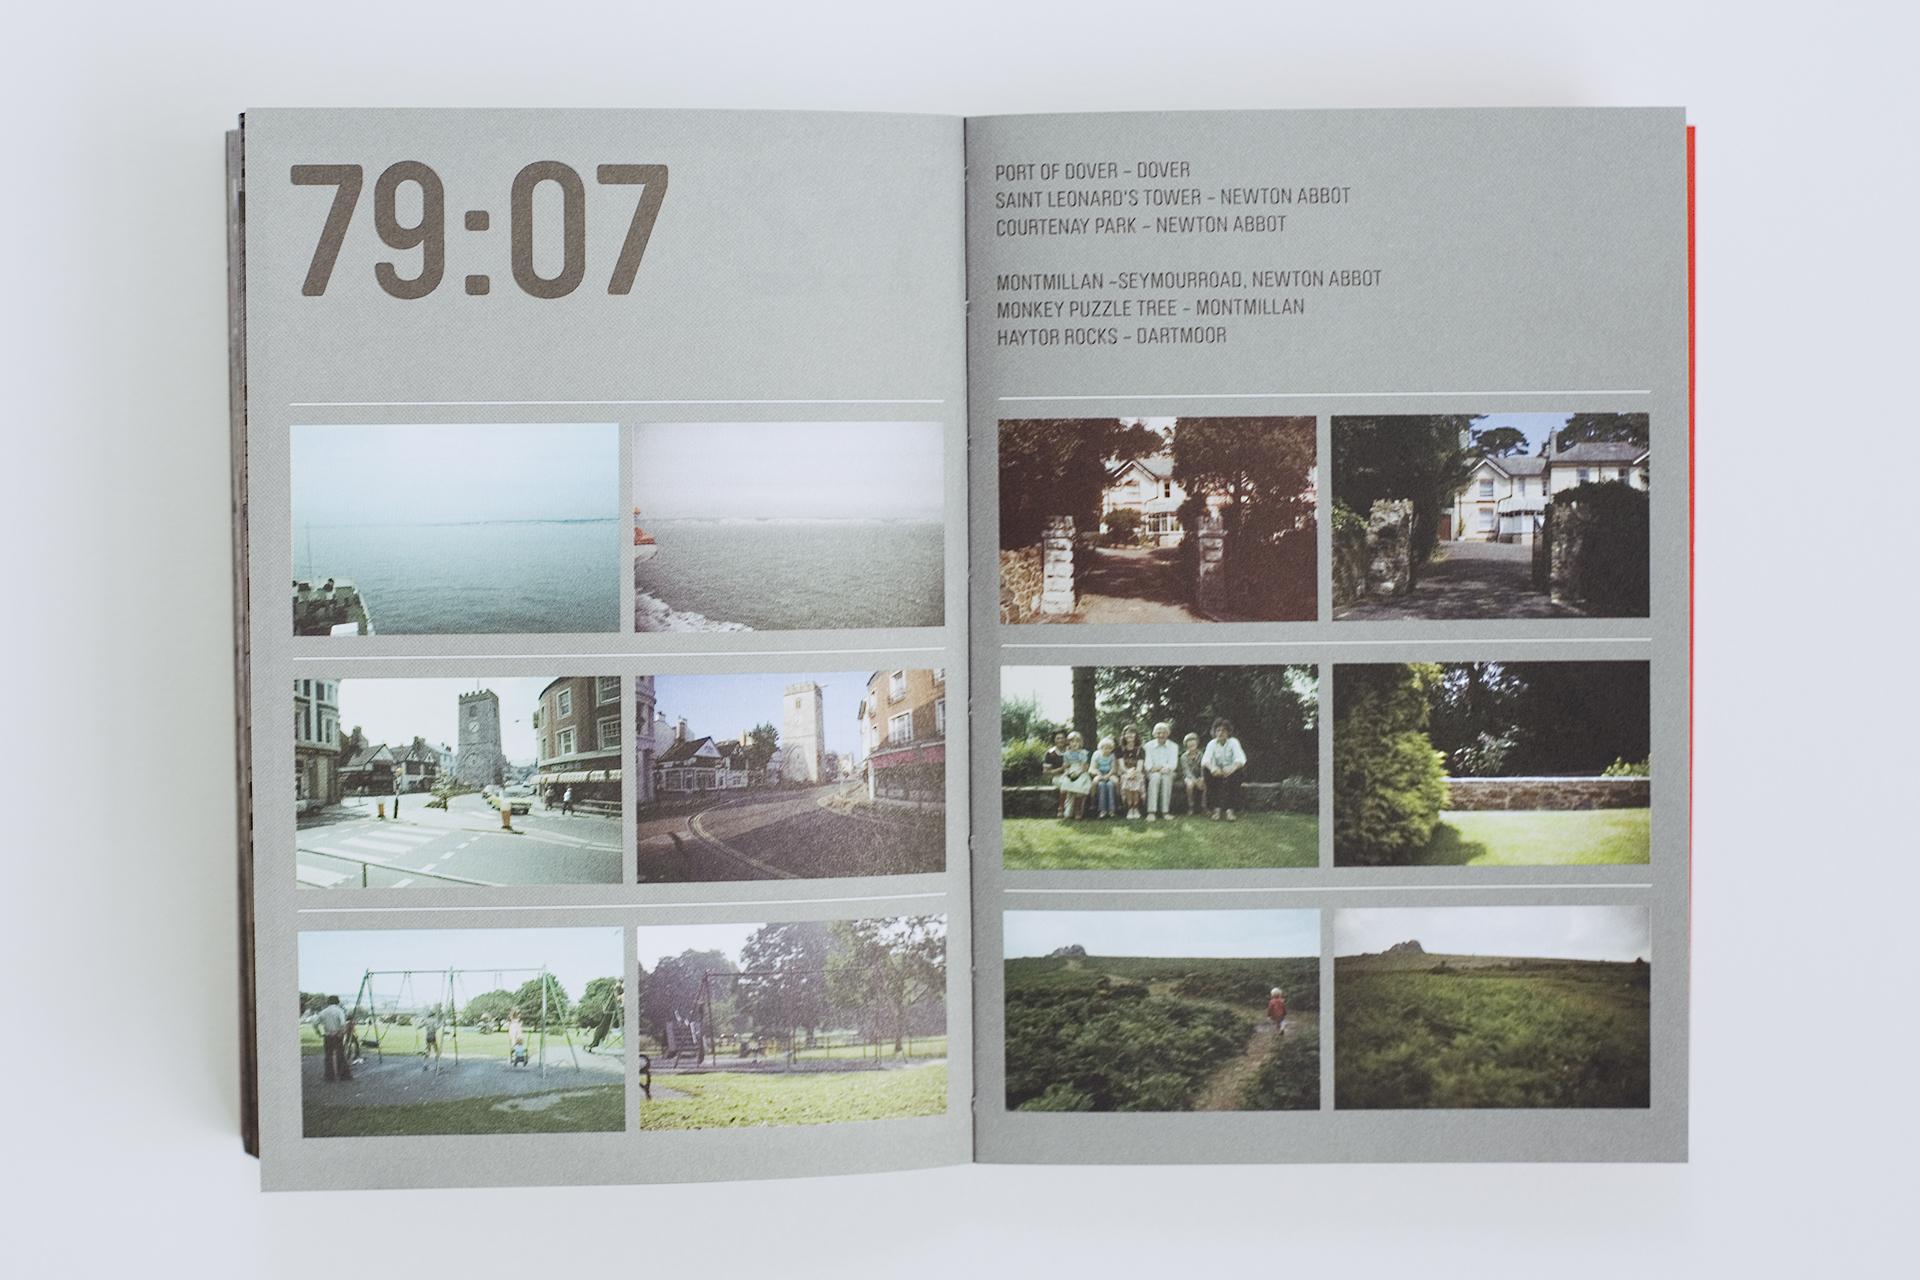 capaz-mirandakoopman-documentair-fotografie-catchingup-1